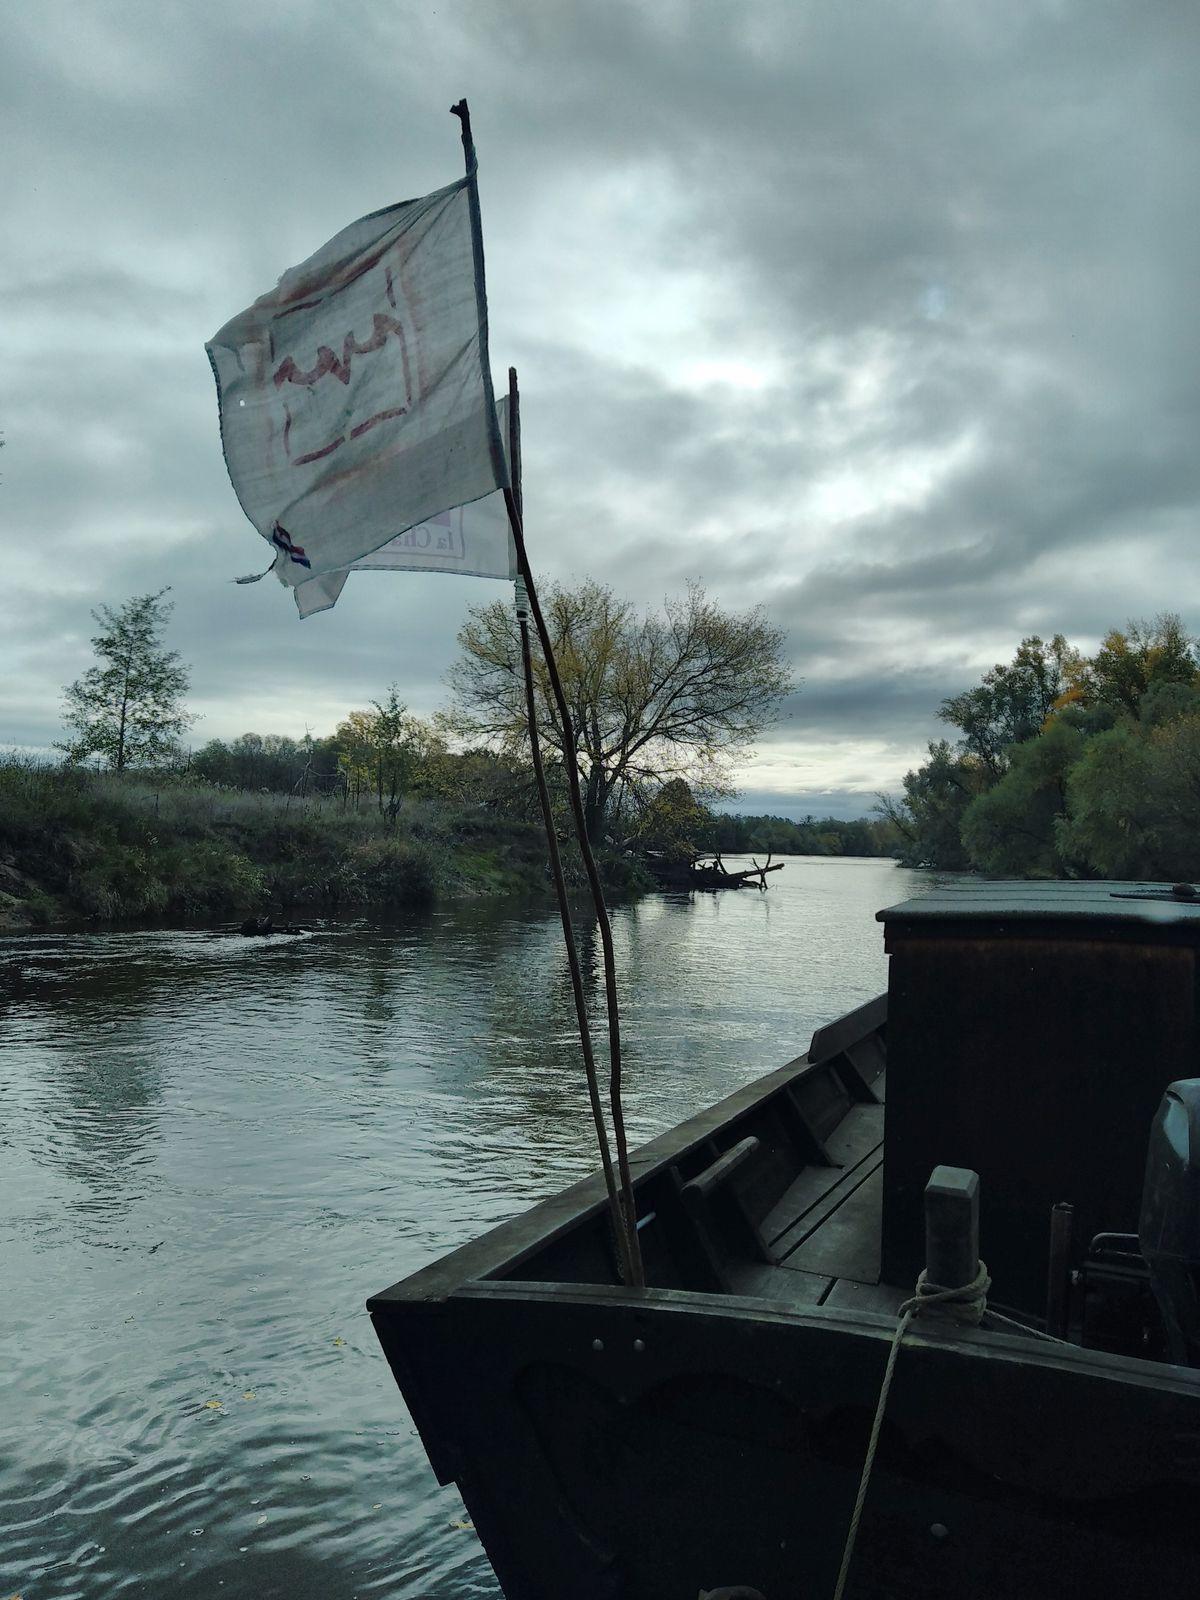 Un air doux parcourt le val, les drapeaux flottent de soularne (le sud). Il faudra patienter pour remonter la rivière à la voile.